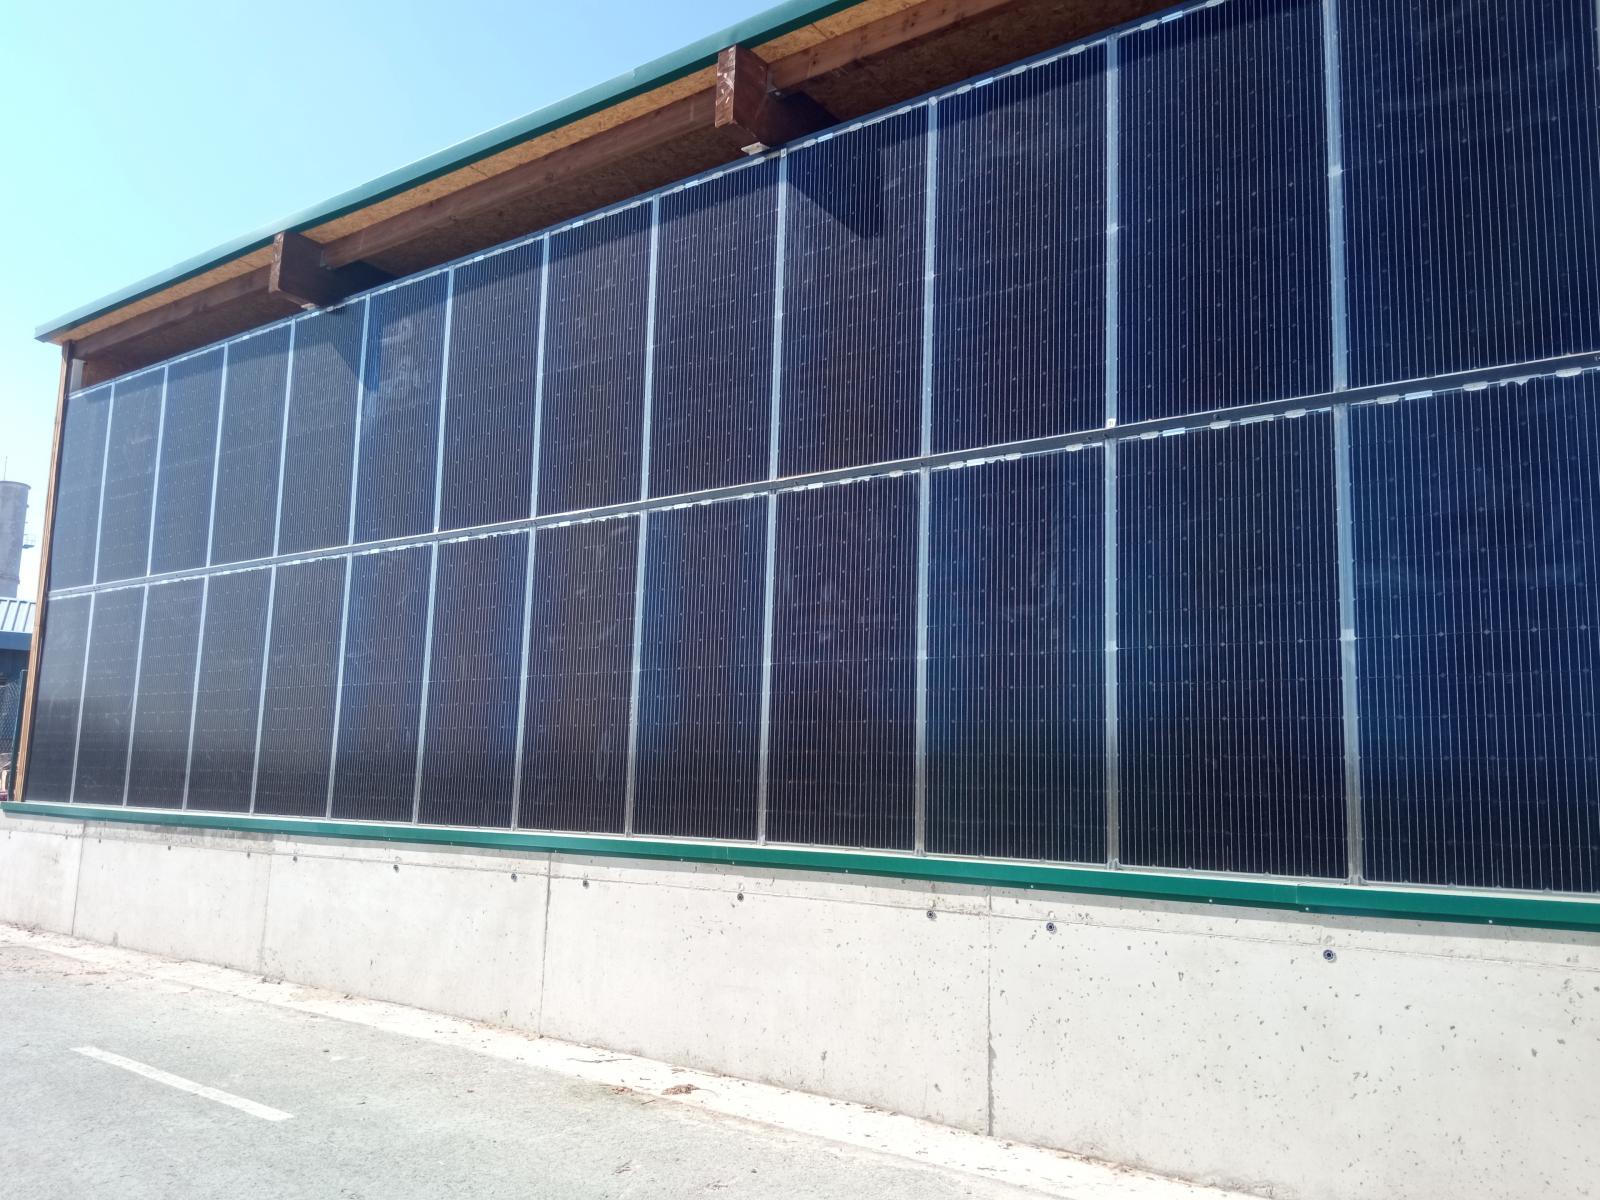 Rebi ultima la obra de sus instalaciones en LOSAN para recuperar la energía excedentaria de su planta de cogeneración